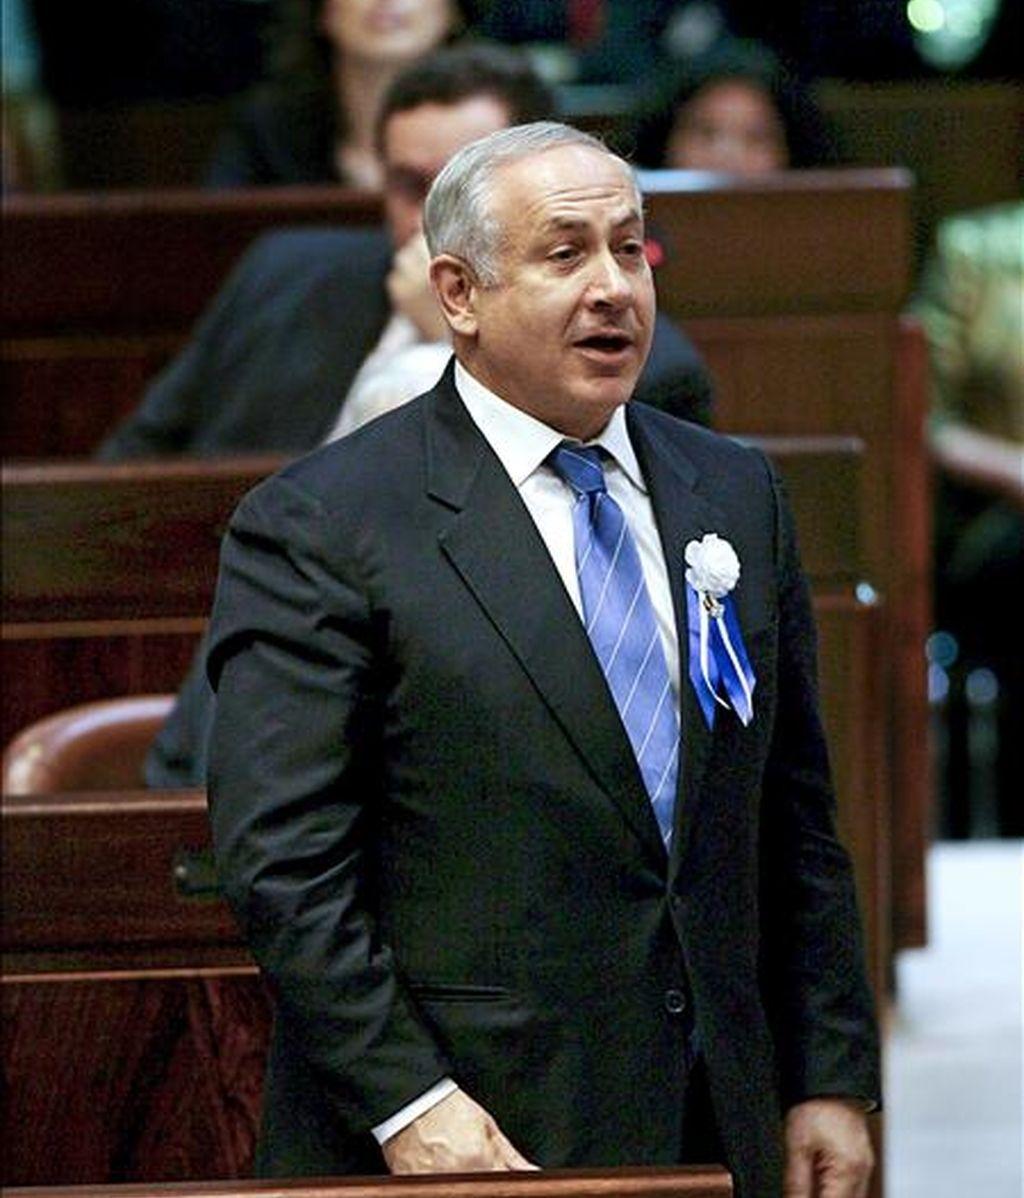 El primer ministro israelí Benjamín Netanyahu, interviene en una sesión de la Kneset, la cámara legislativa de Israel. EFE/Archivo